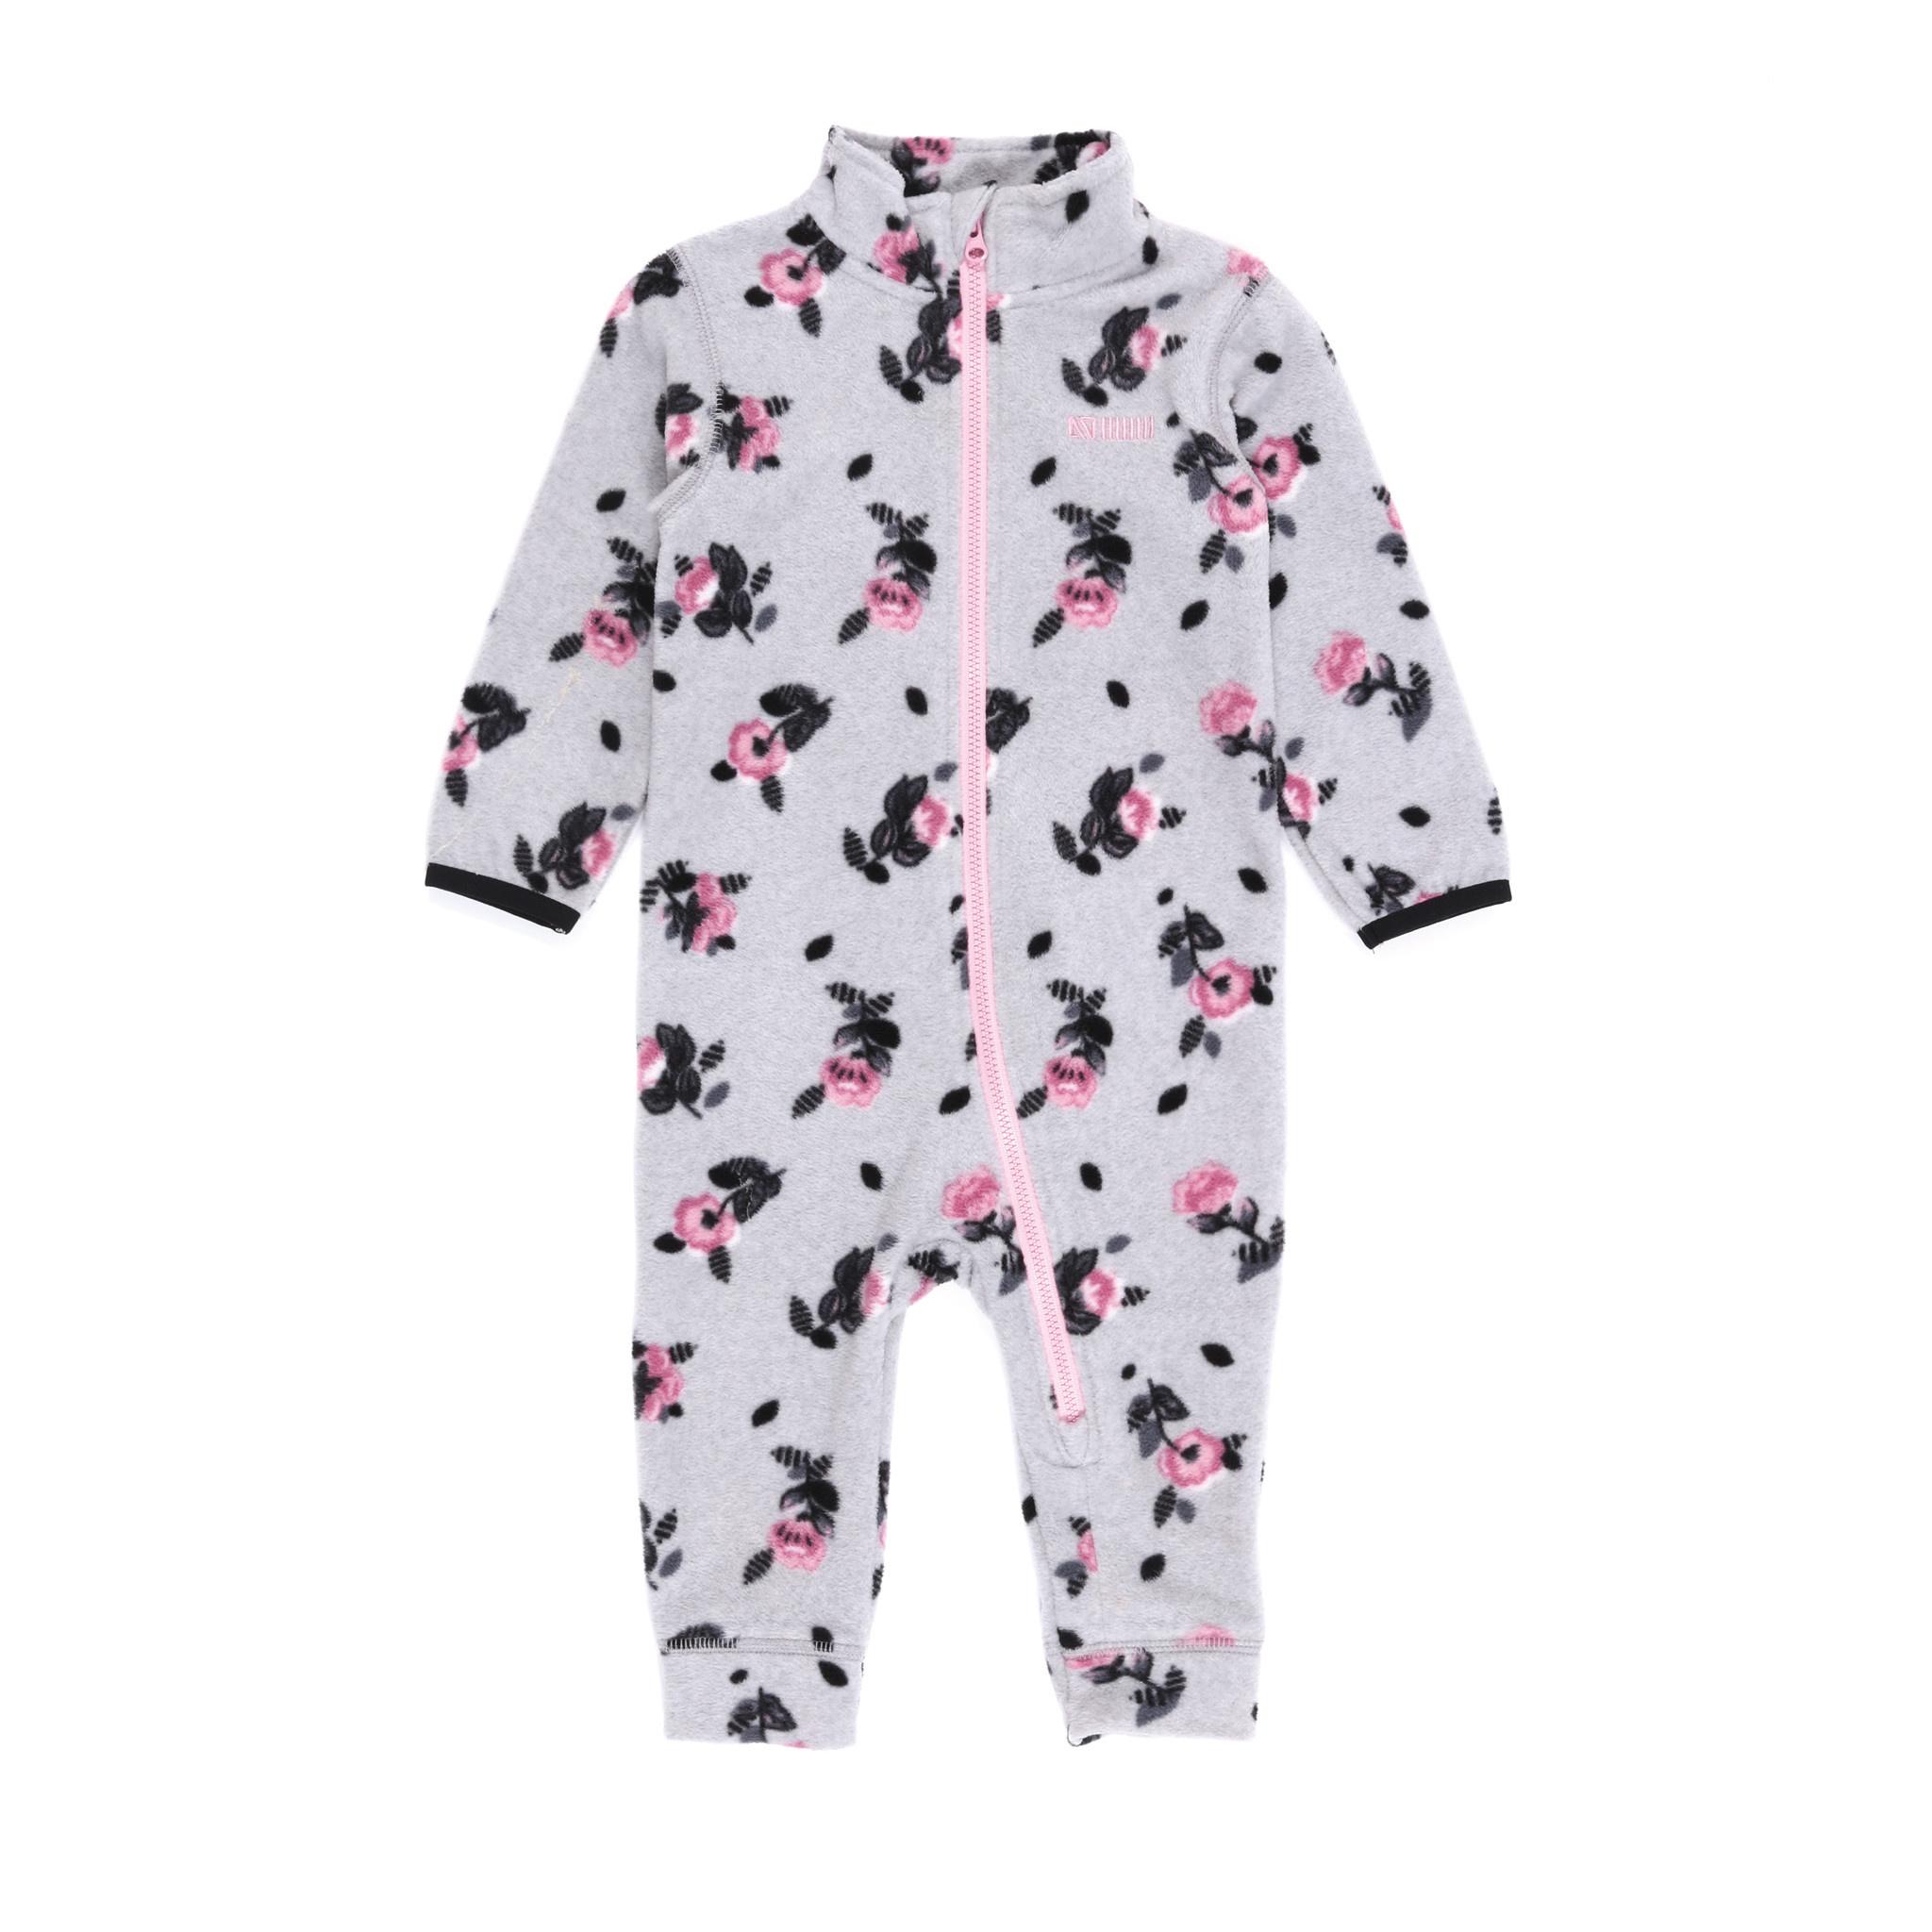 Sous-vêtement en micropolar bébé Fleurs-2